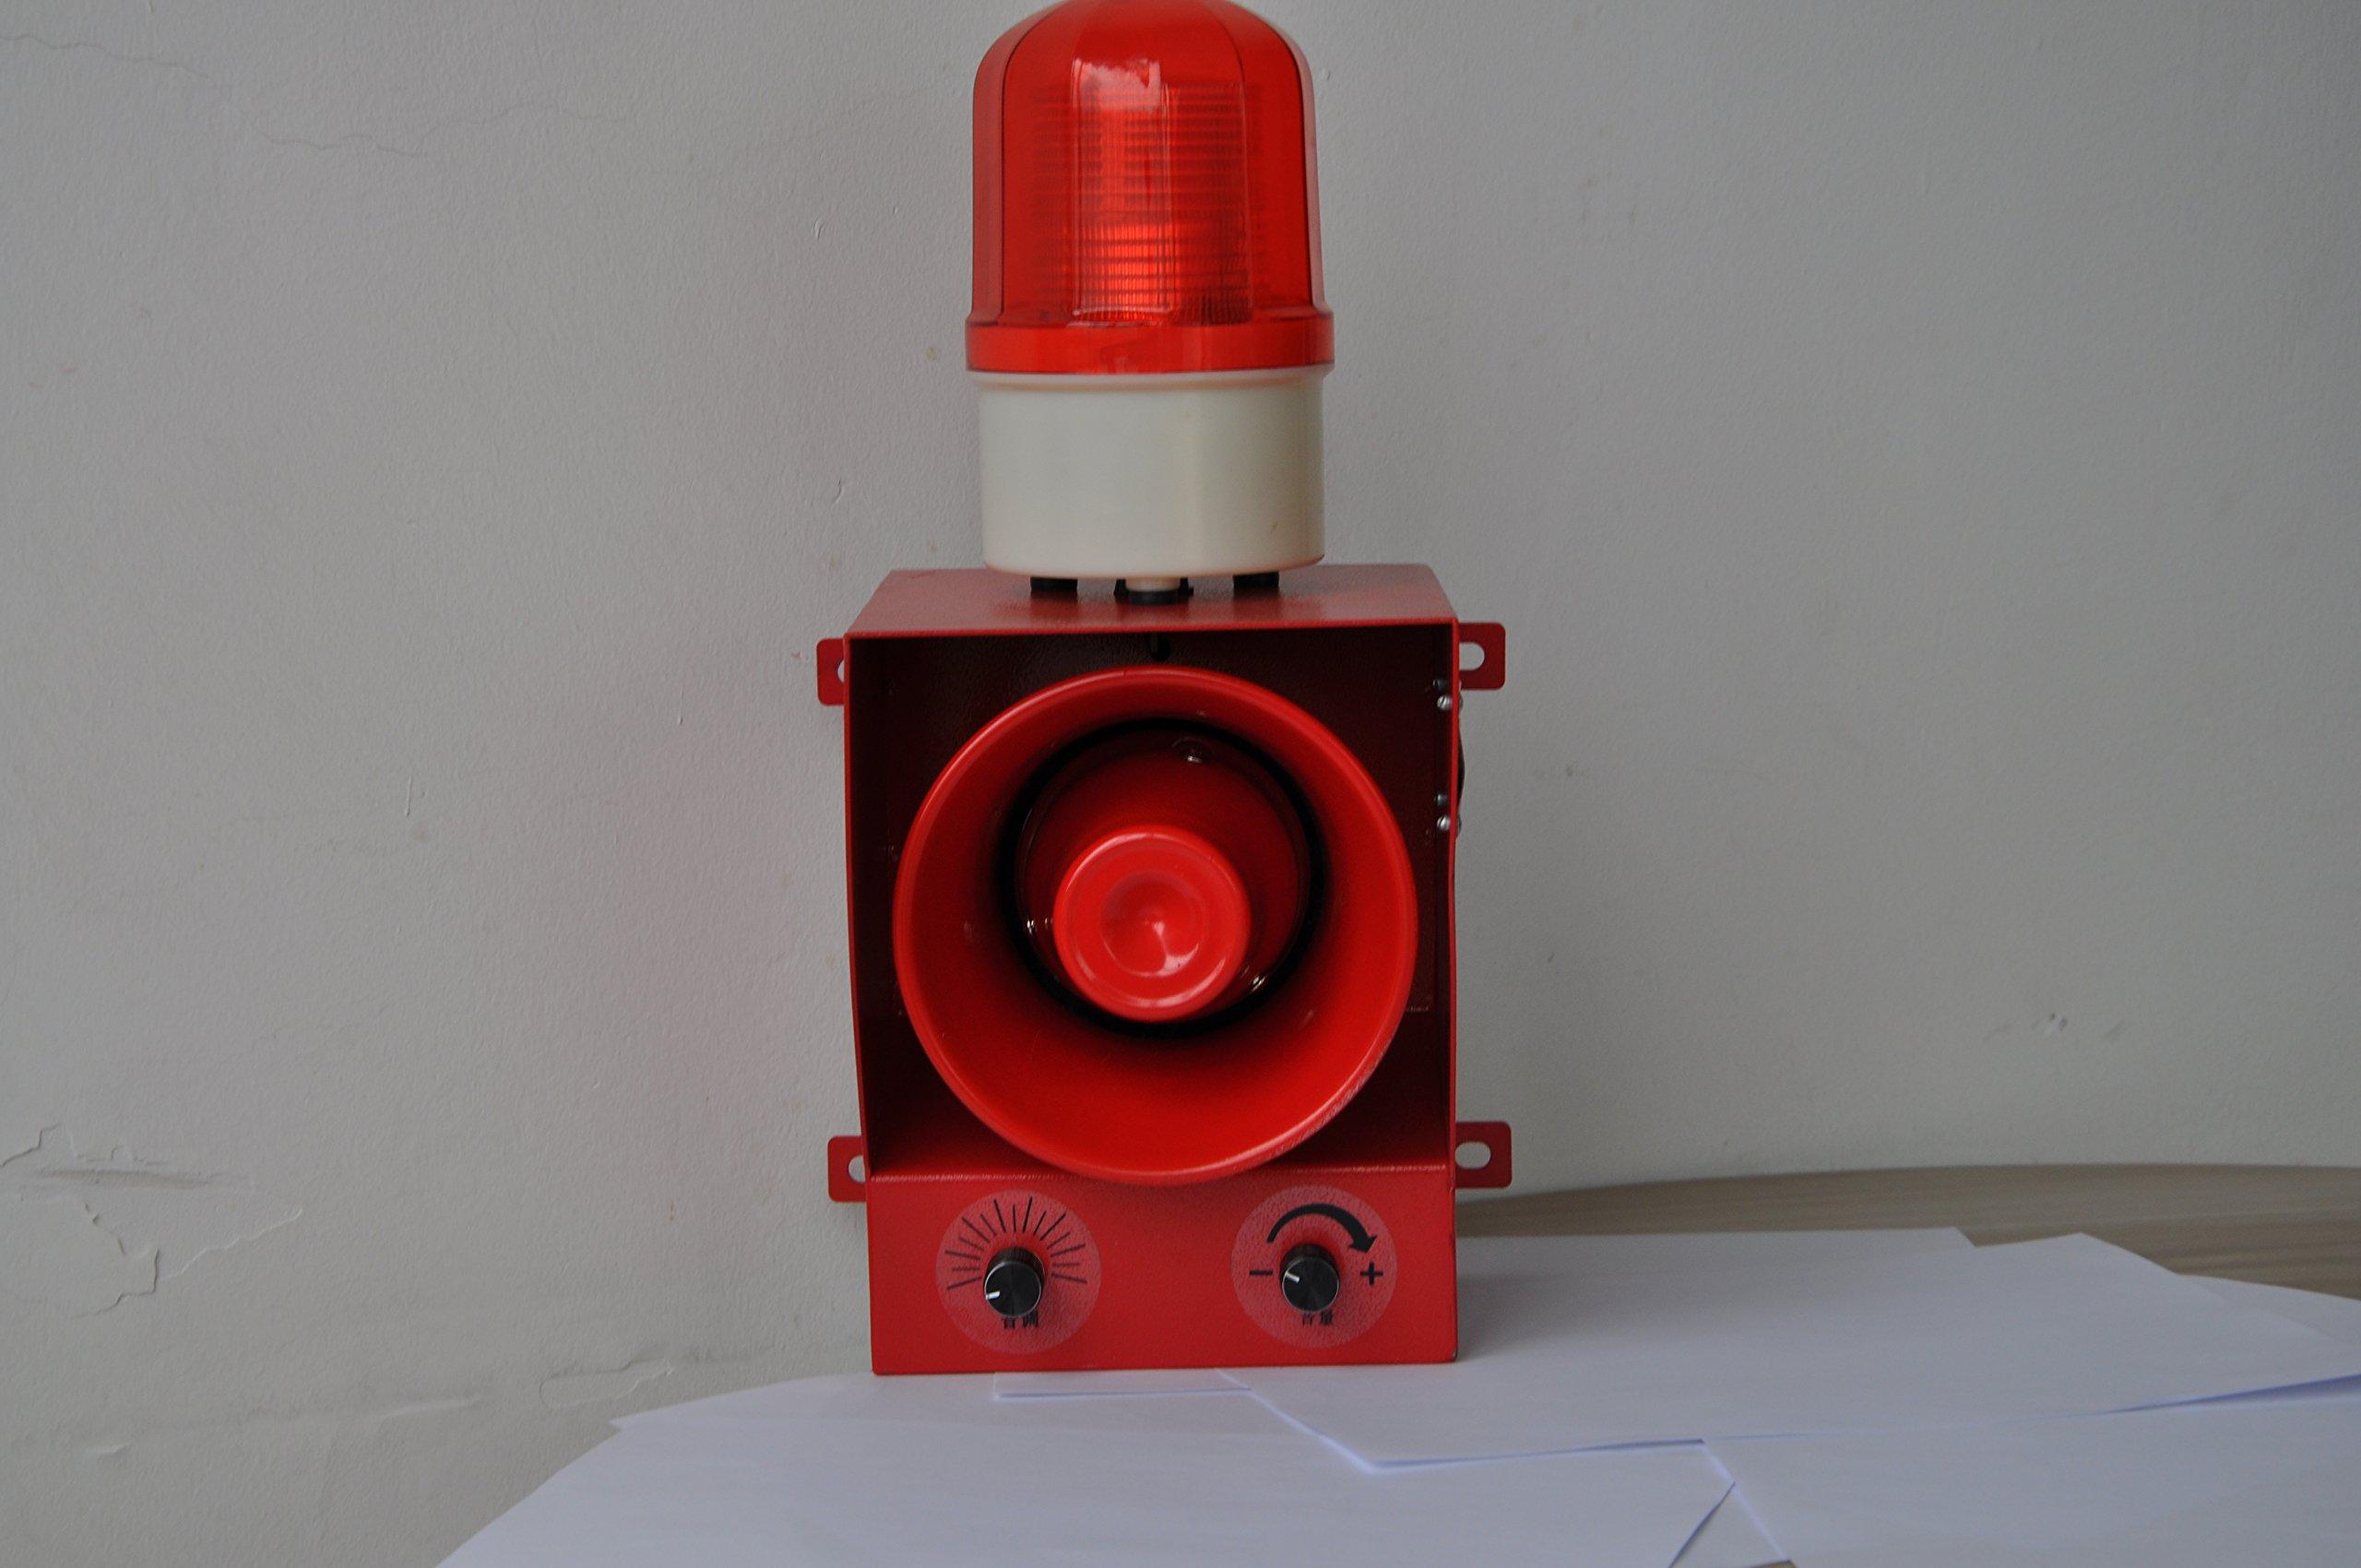 YS-05B AC110V-120V Sound volume adjustable sound and light alarm Alarm siren for emergency by new brand